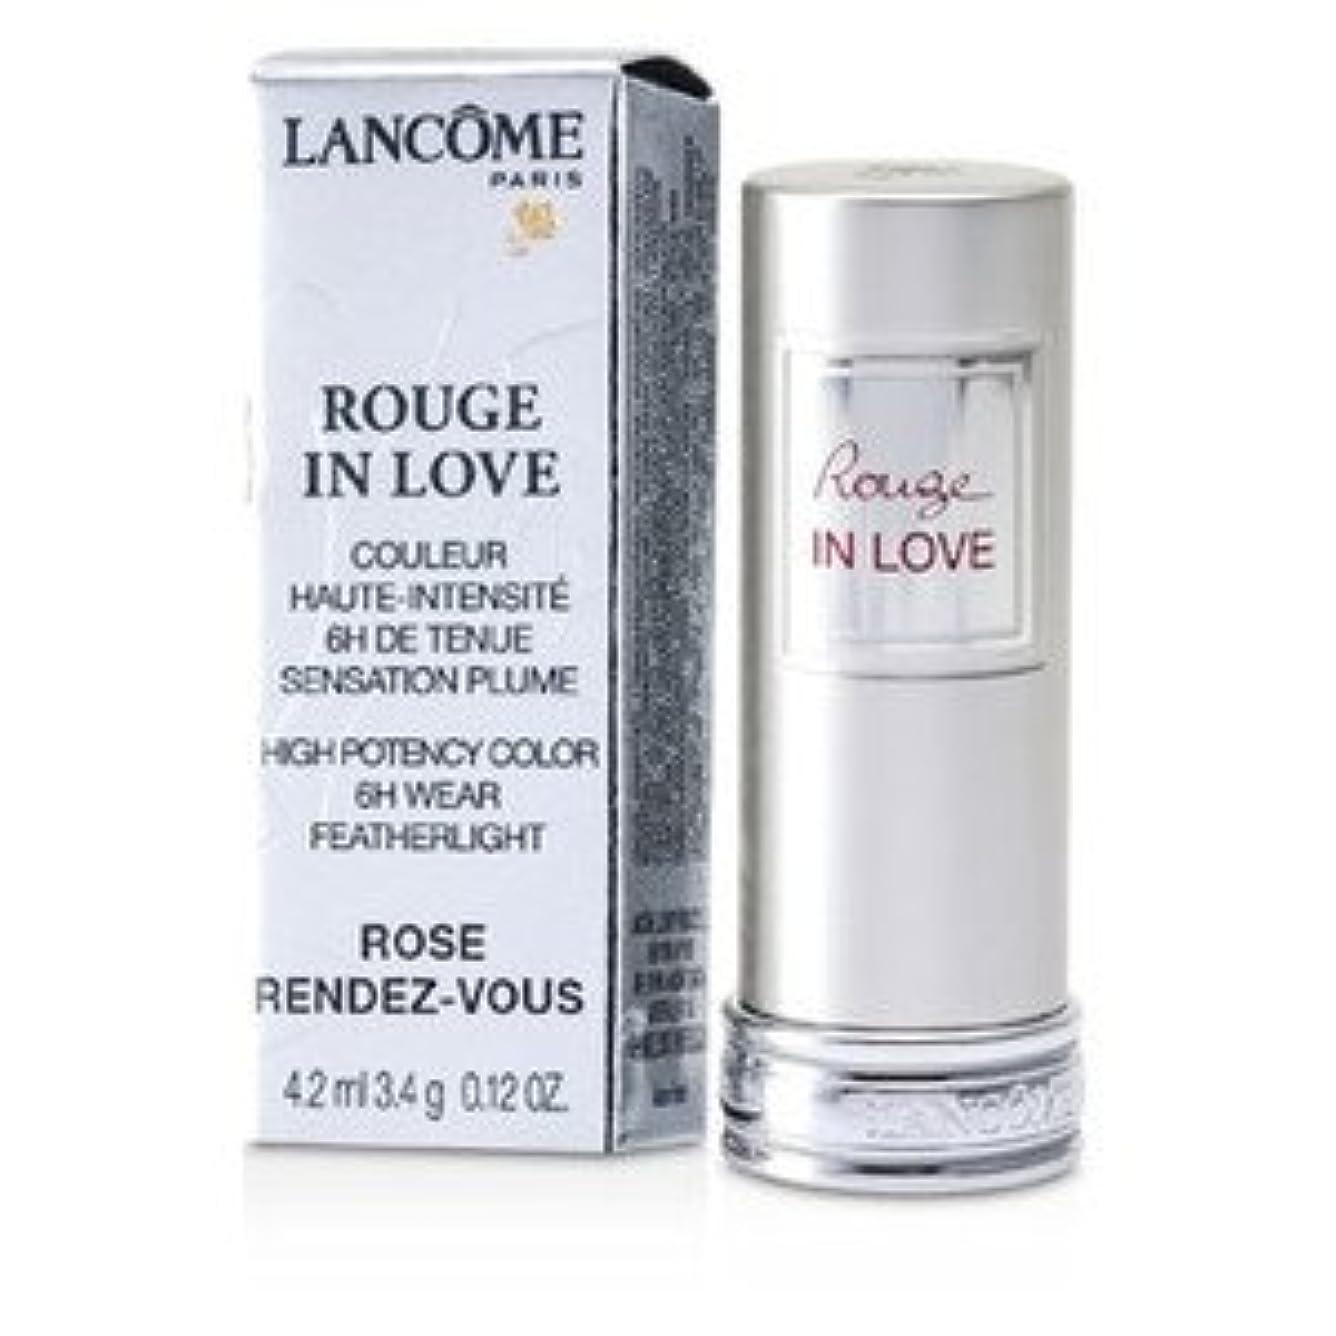 牽引段階無意味LANCOME(ランコム) ルージュ イン ラブ - #230 Rose Rendez vous 4.2ml/0.12oz [並行輸入品]